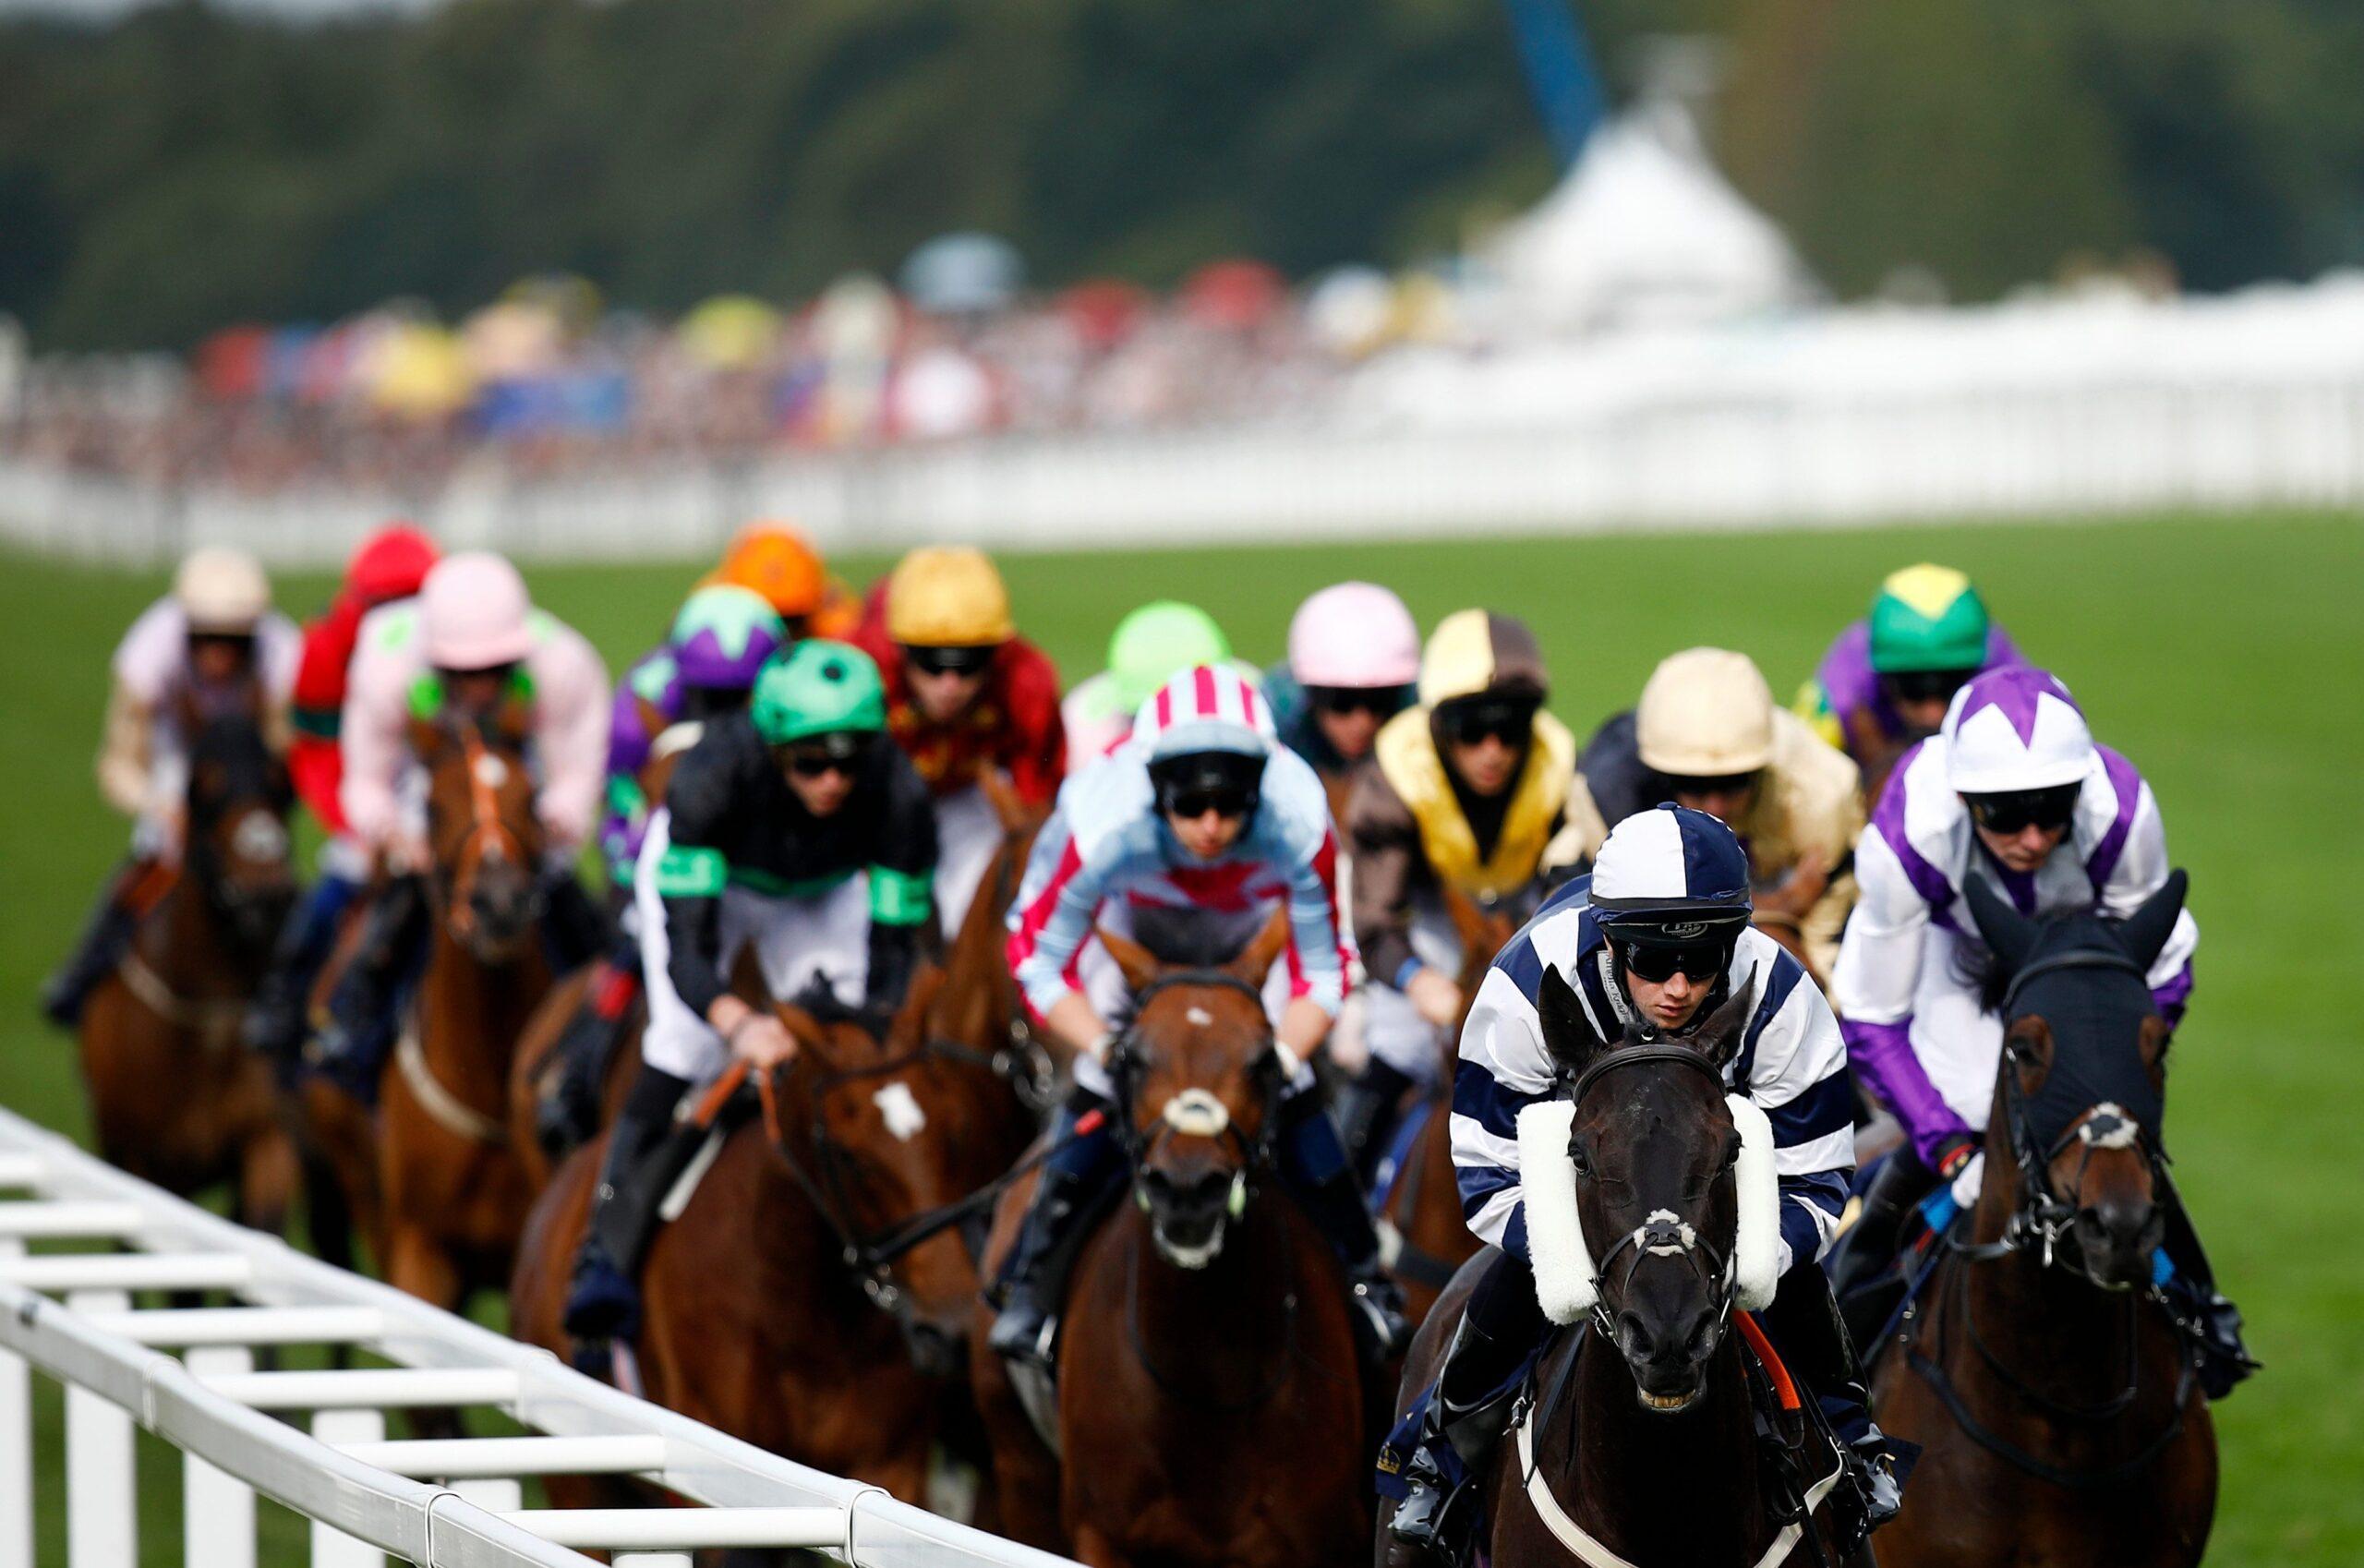 Casinoper At Yarışı Bahisleri Nasıl Oynanır?